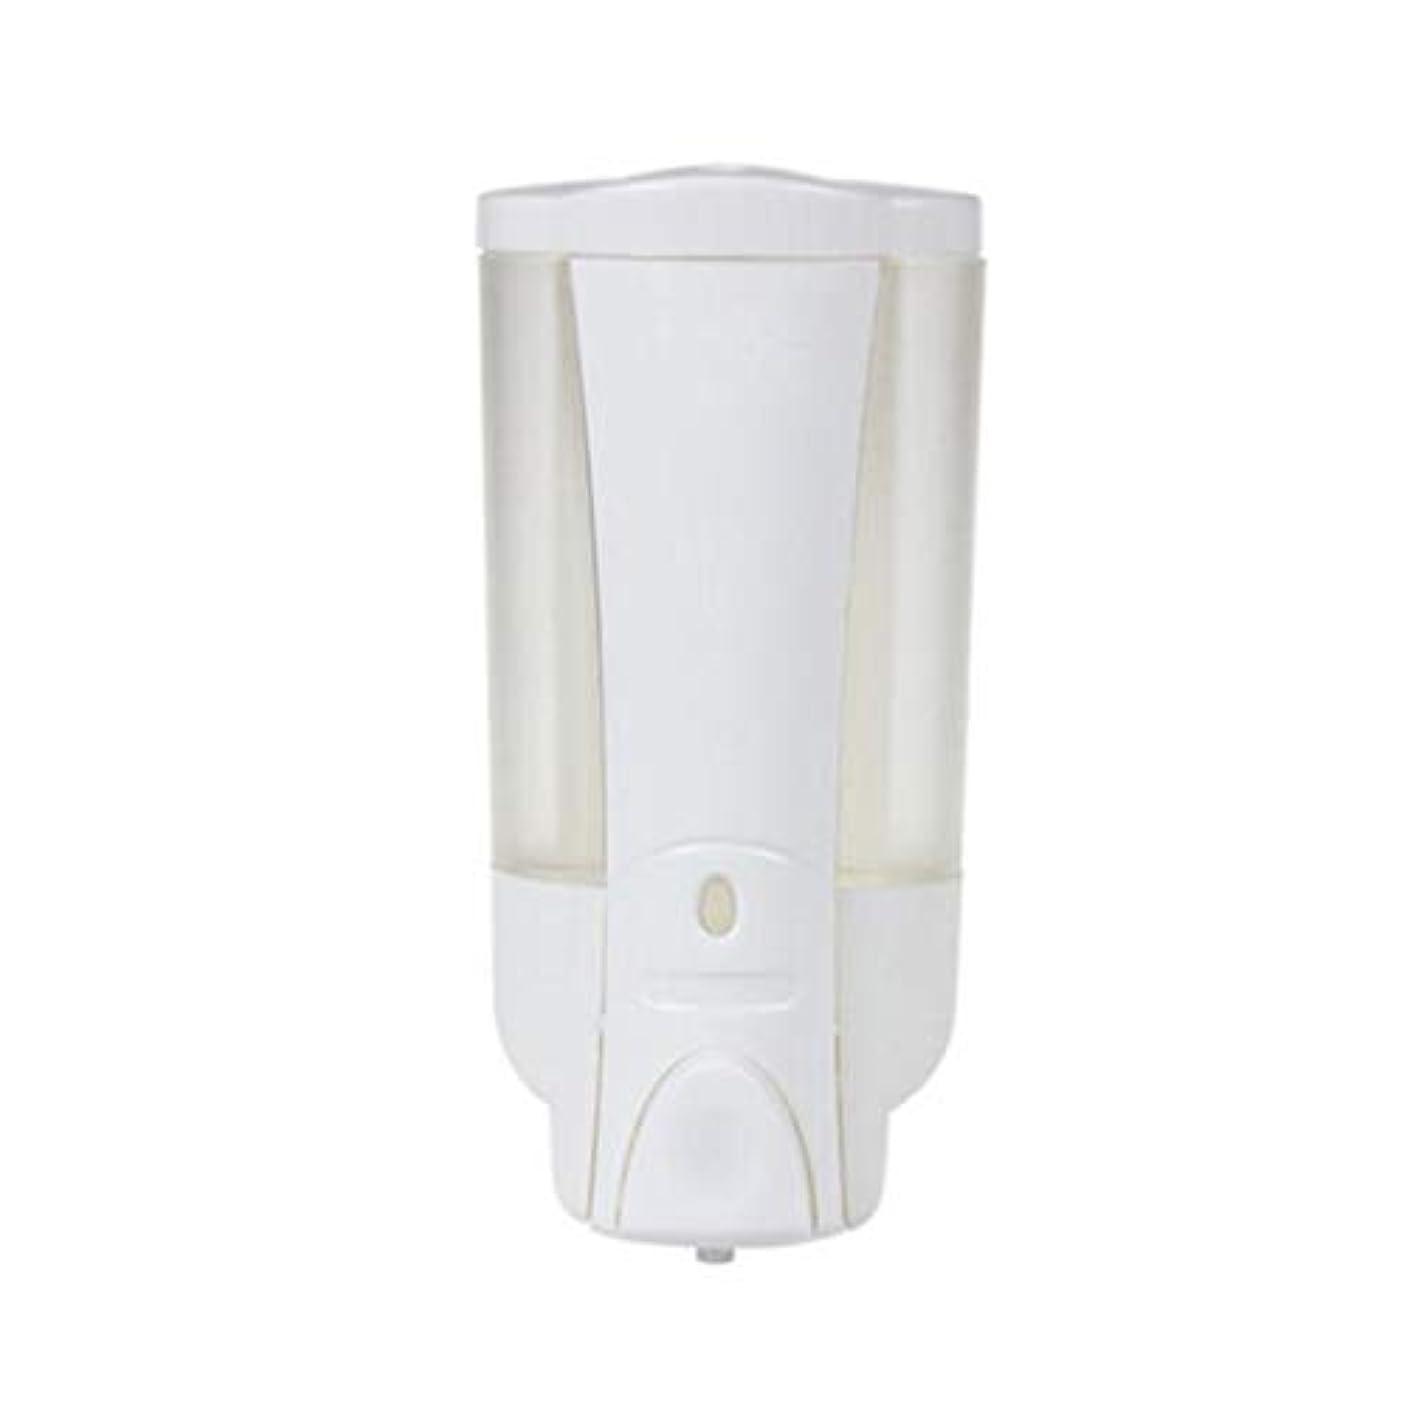 言う恨みライターKylinssh 泡立つ石鹸ディスペンサー450ml容量、石鹸、DIY液体石鹸、皿石鹸、ボディウォッシュなどに使用するための空のプラスチック液体石鹸ポンプボトル